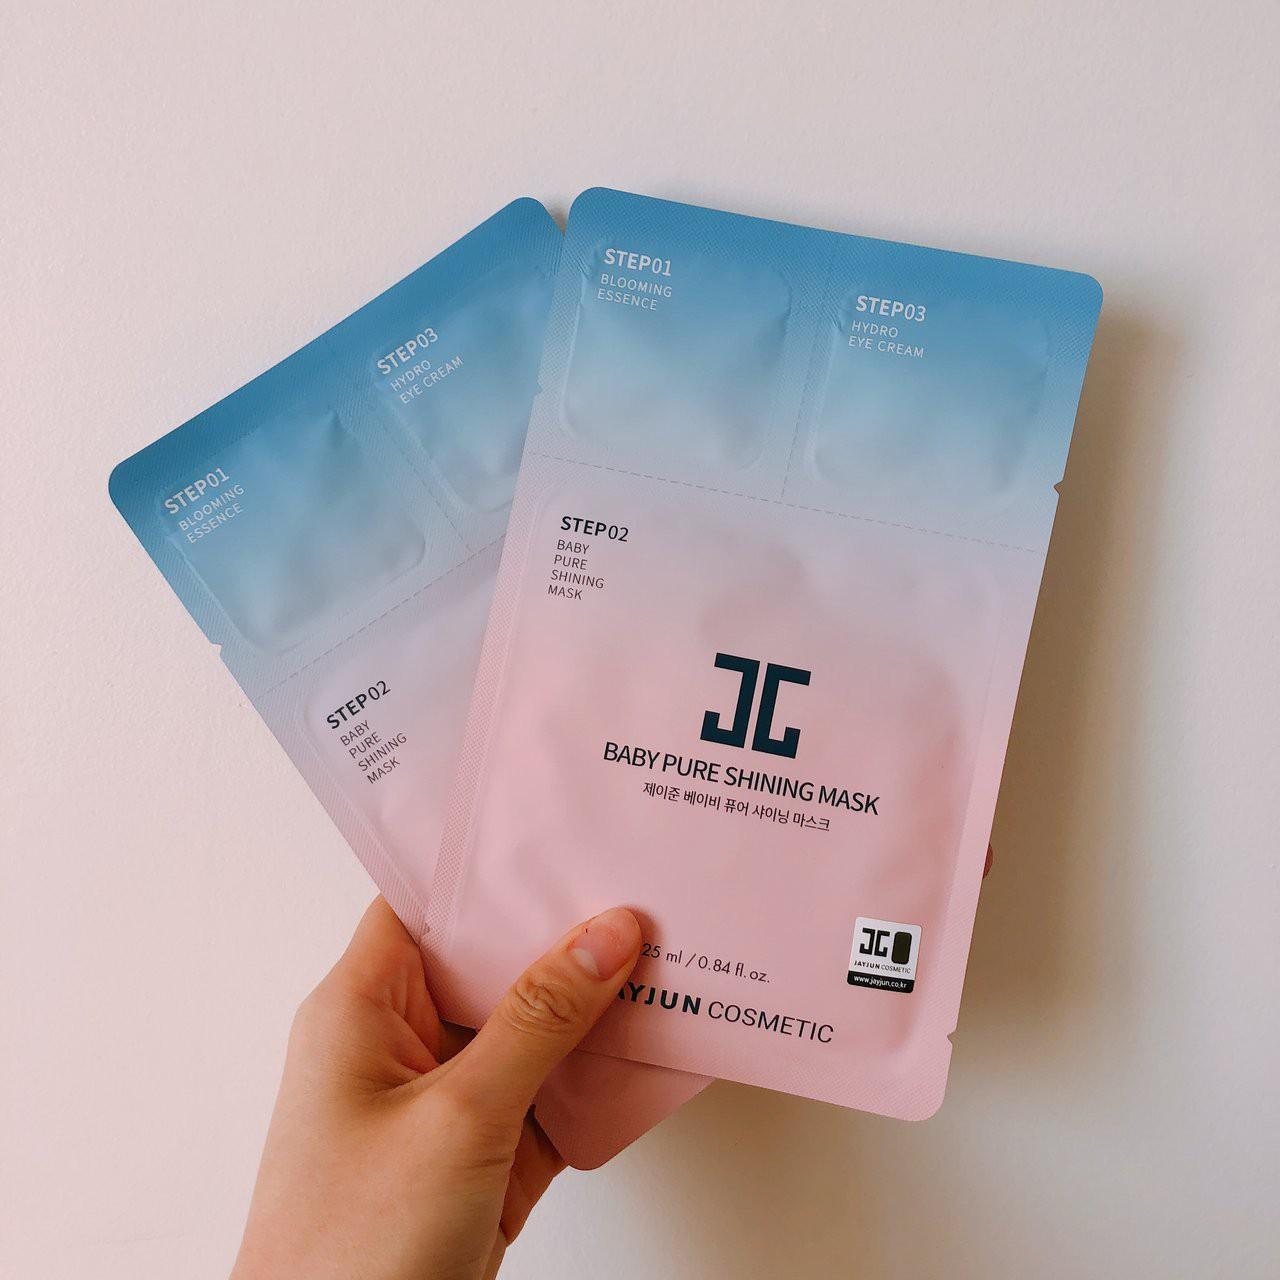 6 loại mặt nạ giấy Hàn Quốc lạ hoắc nhưng chất lượng đỉnh cao mà chỉ dân sành skincare mới biết - Ảnh 6.